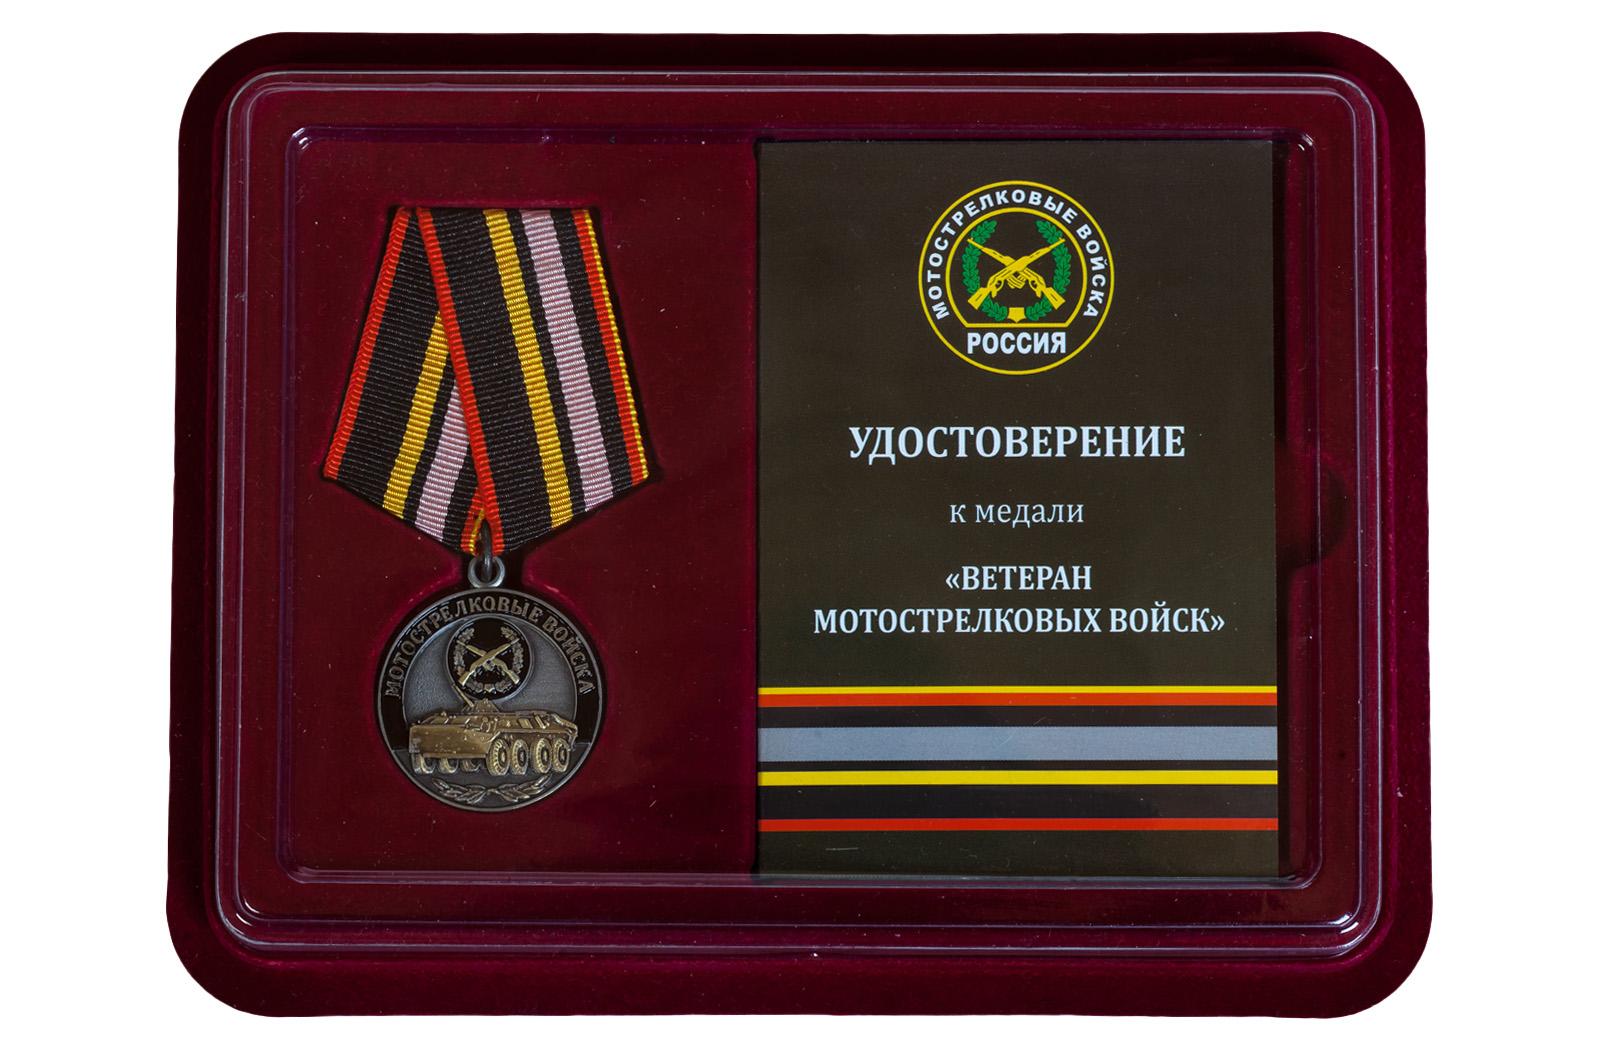 Купить медаль Мотострелковых войск оптом или в розницу